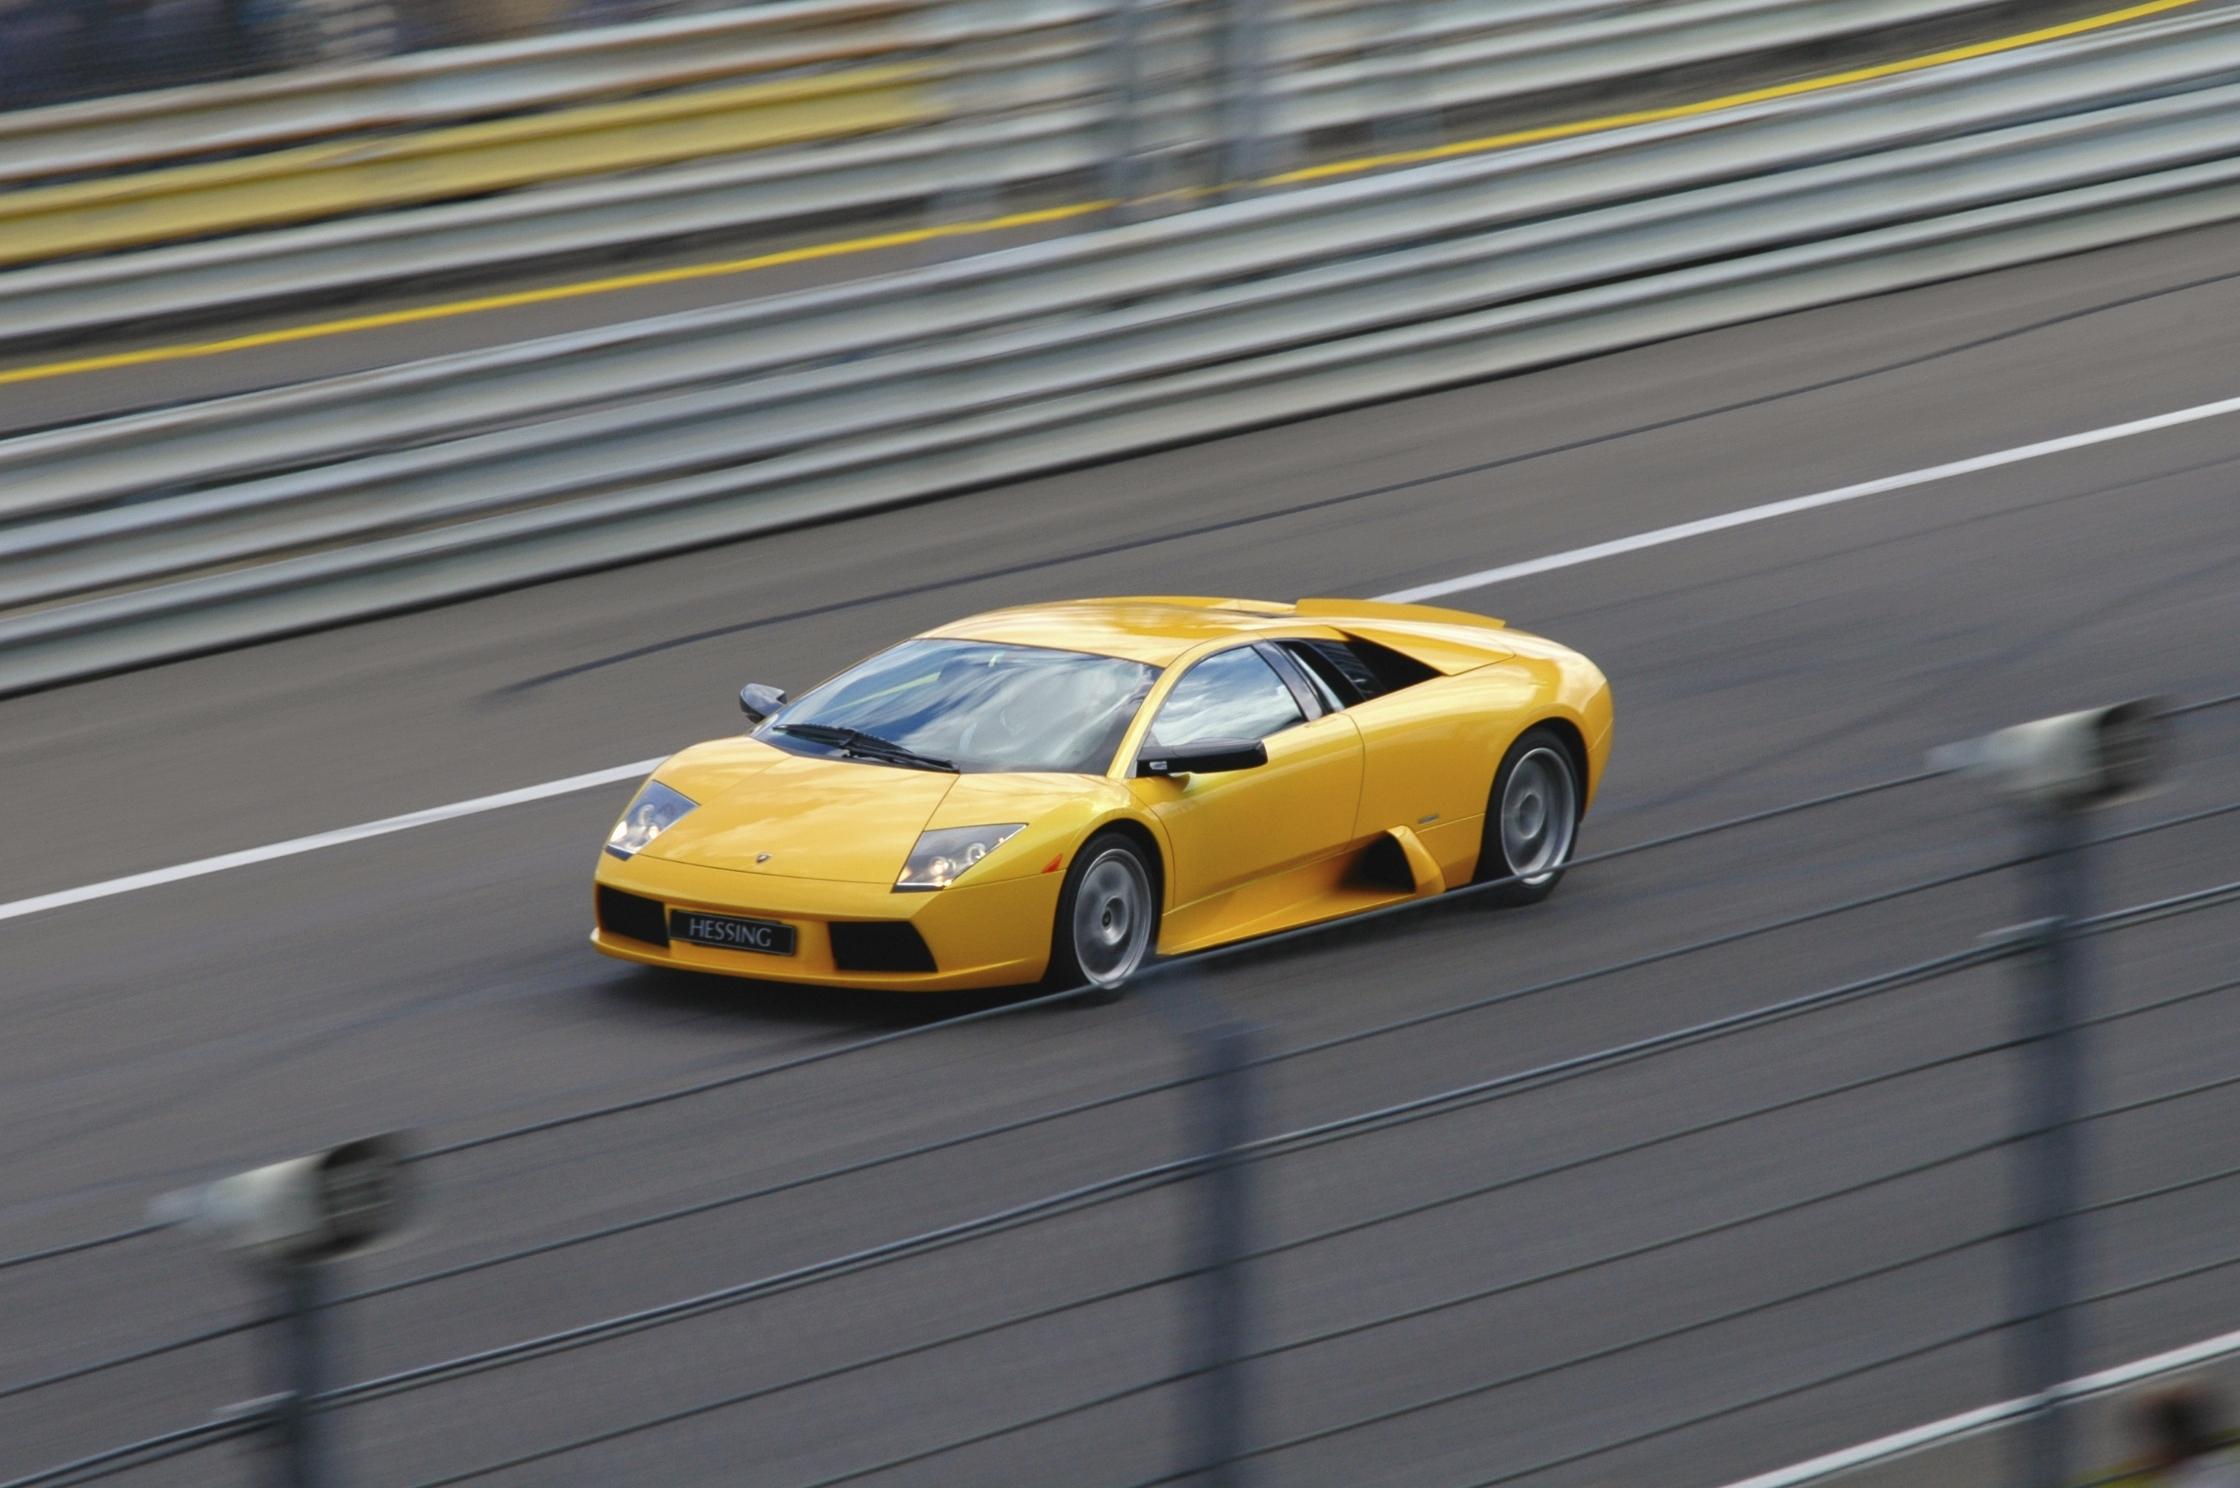 Cars of the Future_Medium_Race Car_5.jpg